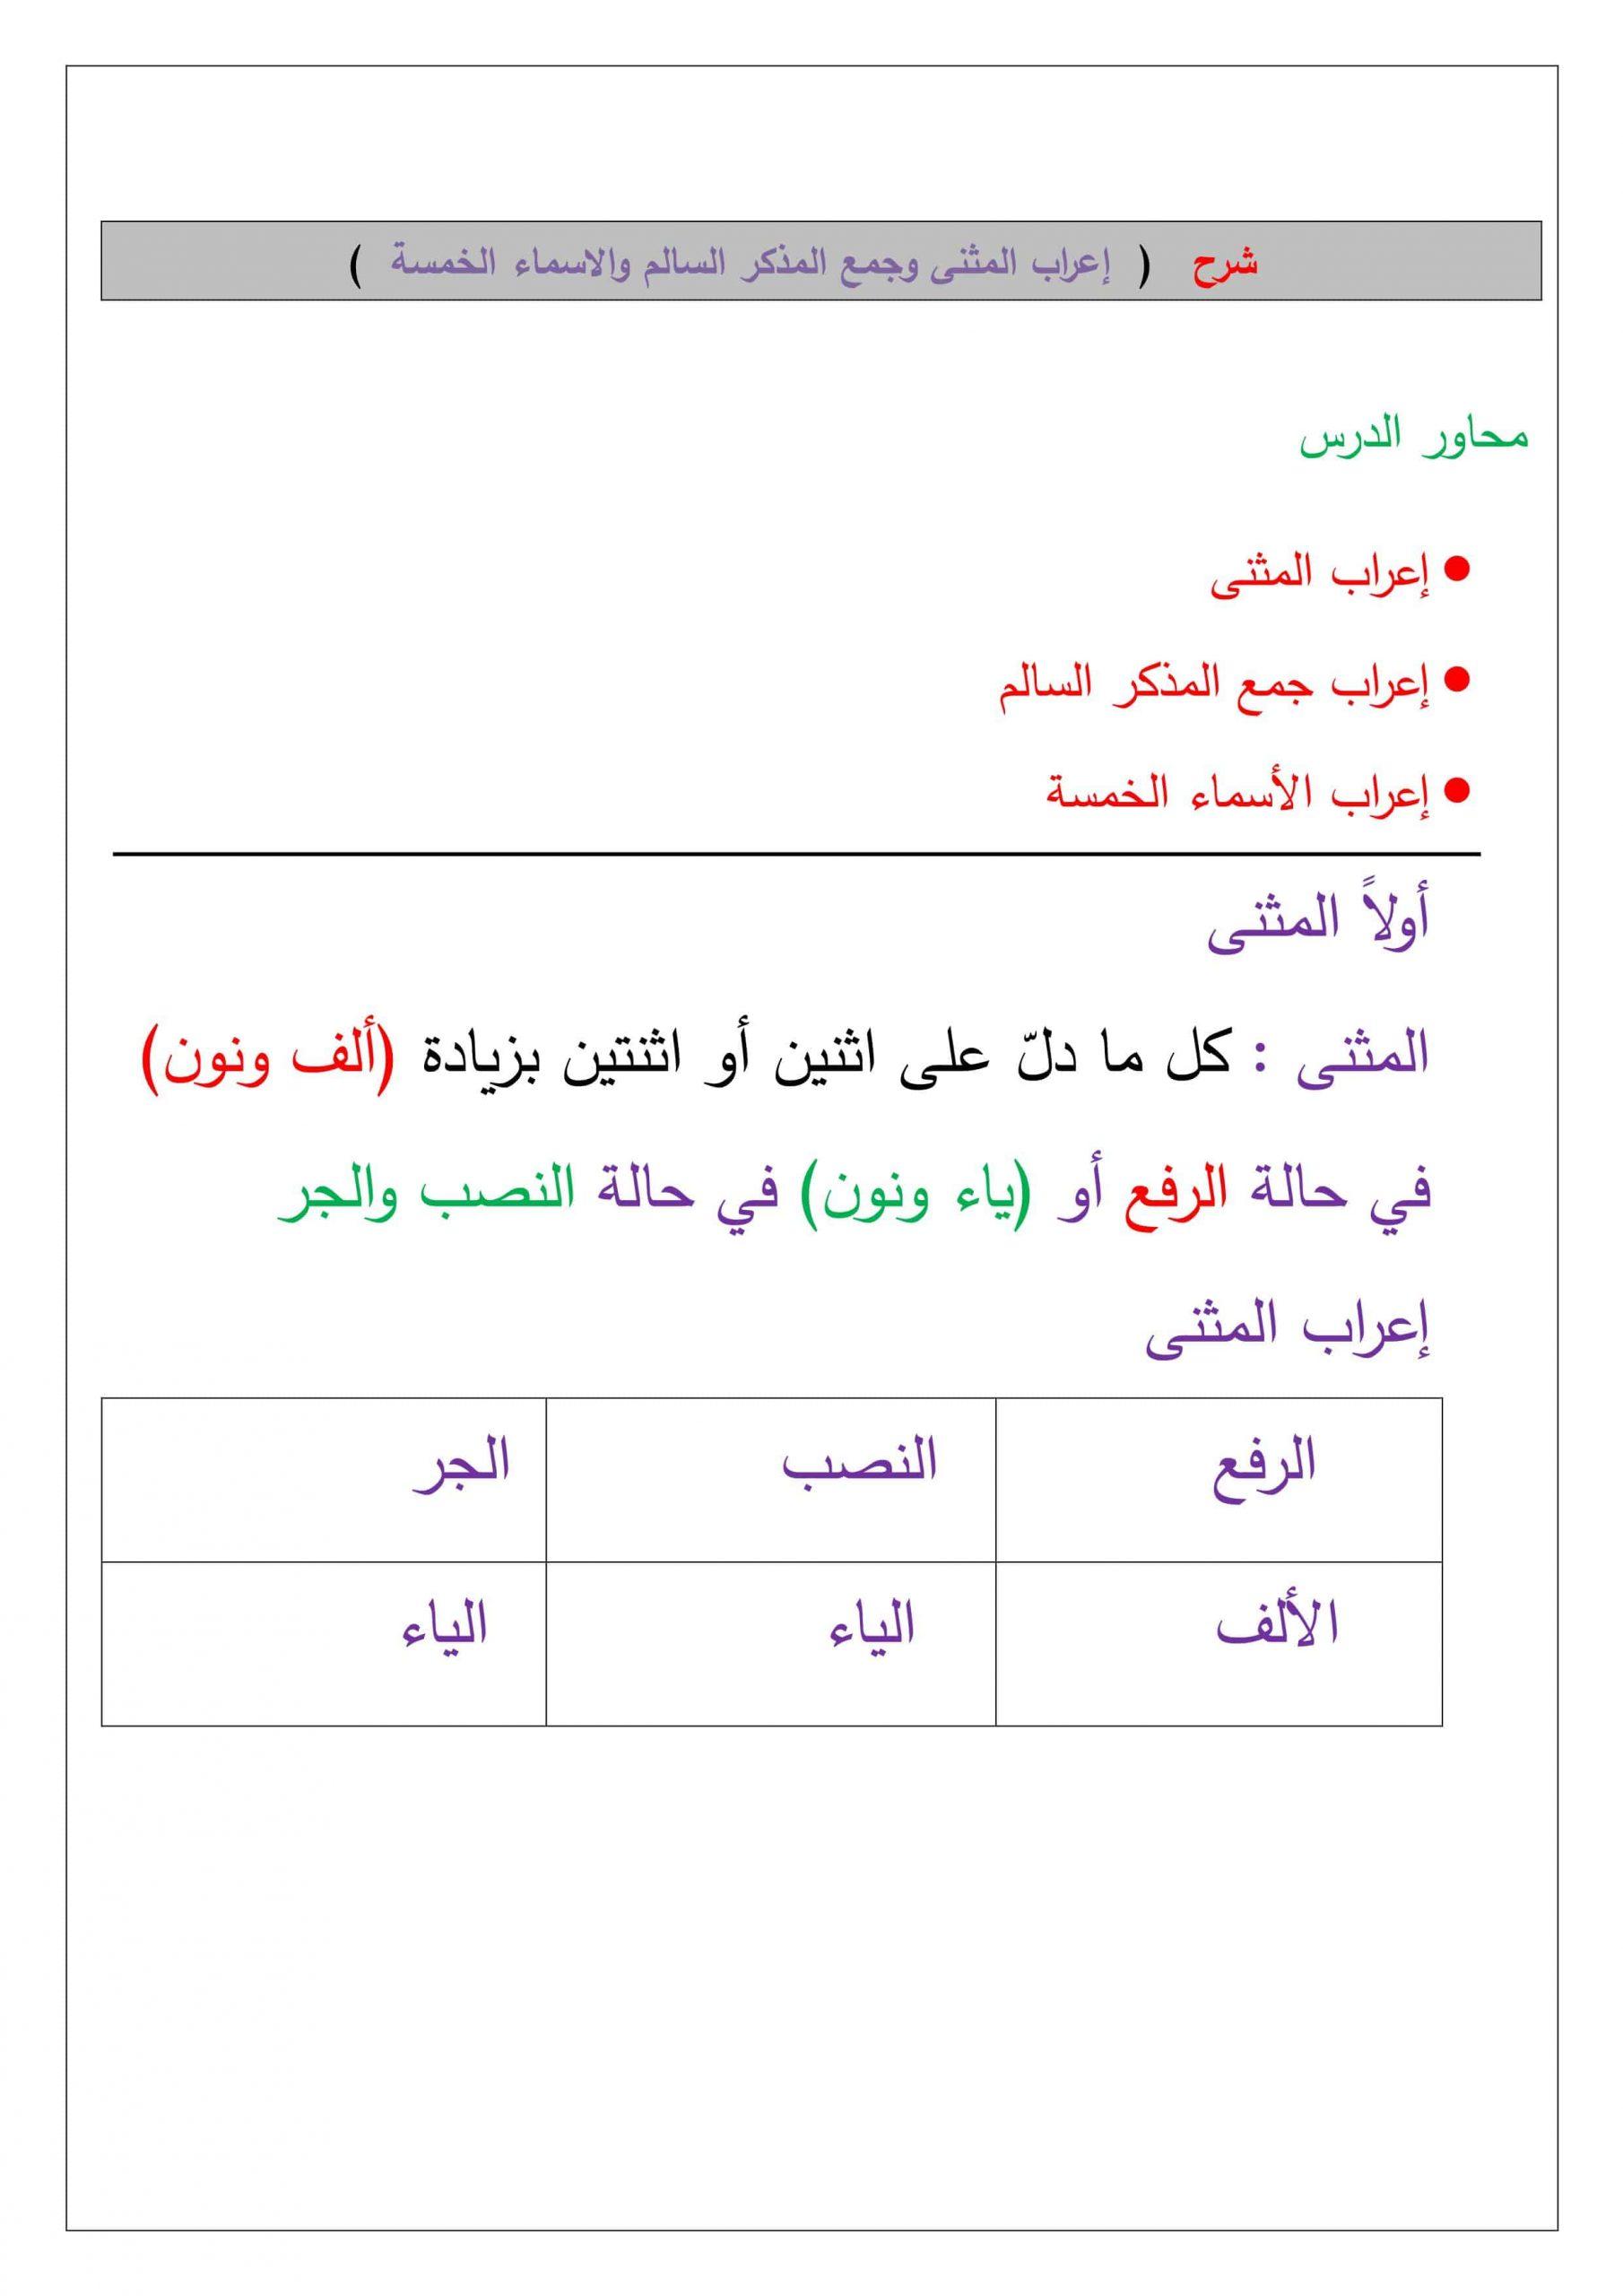 شرح درس إعراب المثنى وجمع المذكر السالم والأسماء الخمسة الصف السابع مادة اللغة العربية